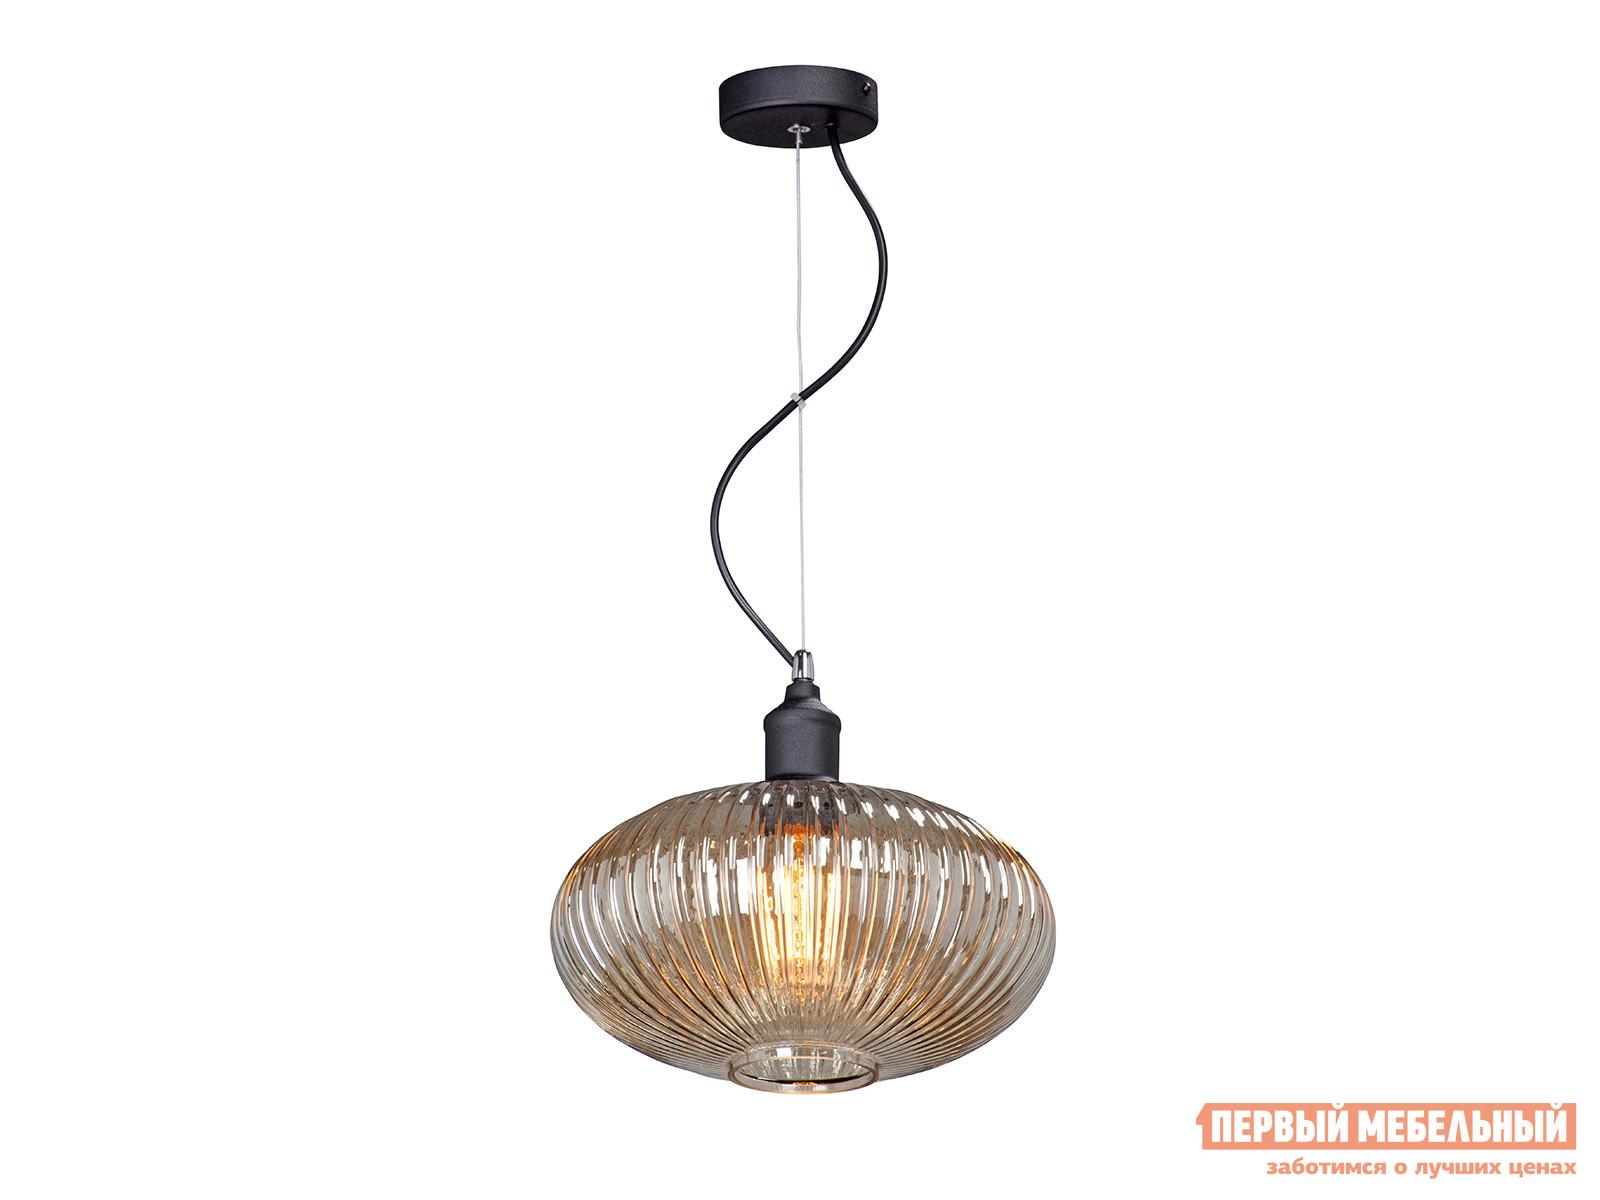 Подвесной светильник КСК-электро Люстра V4844-1/1S